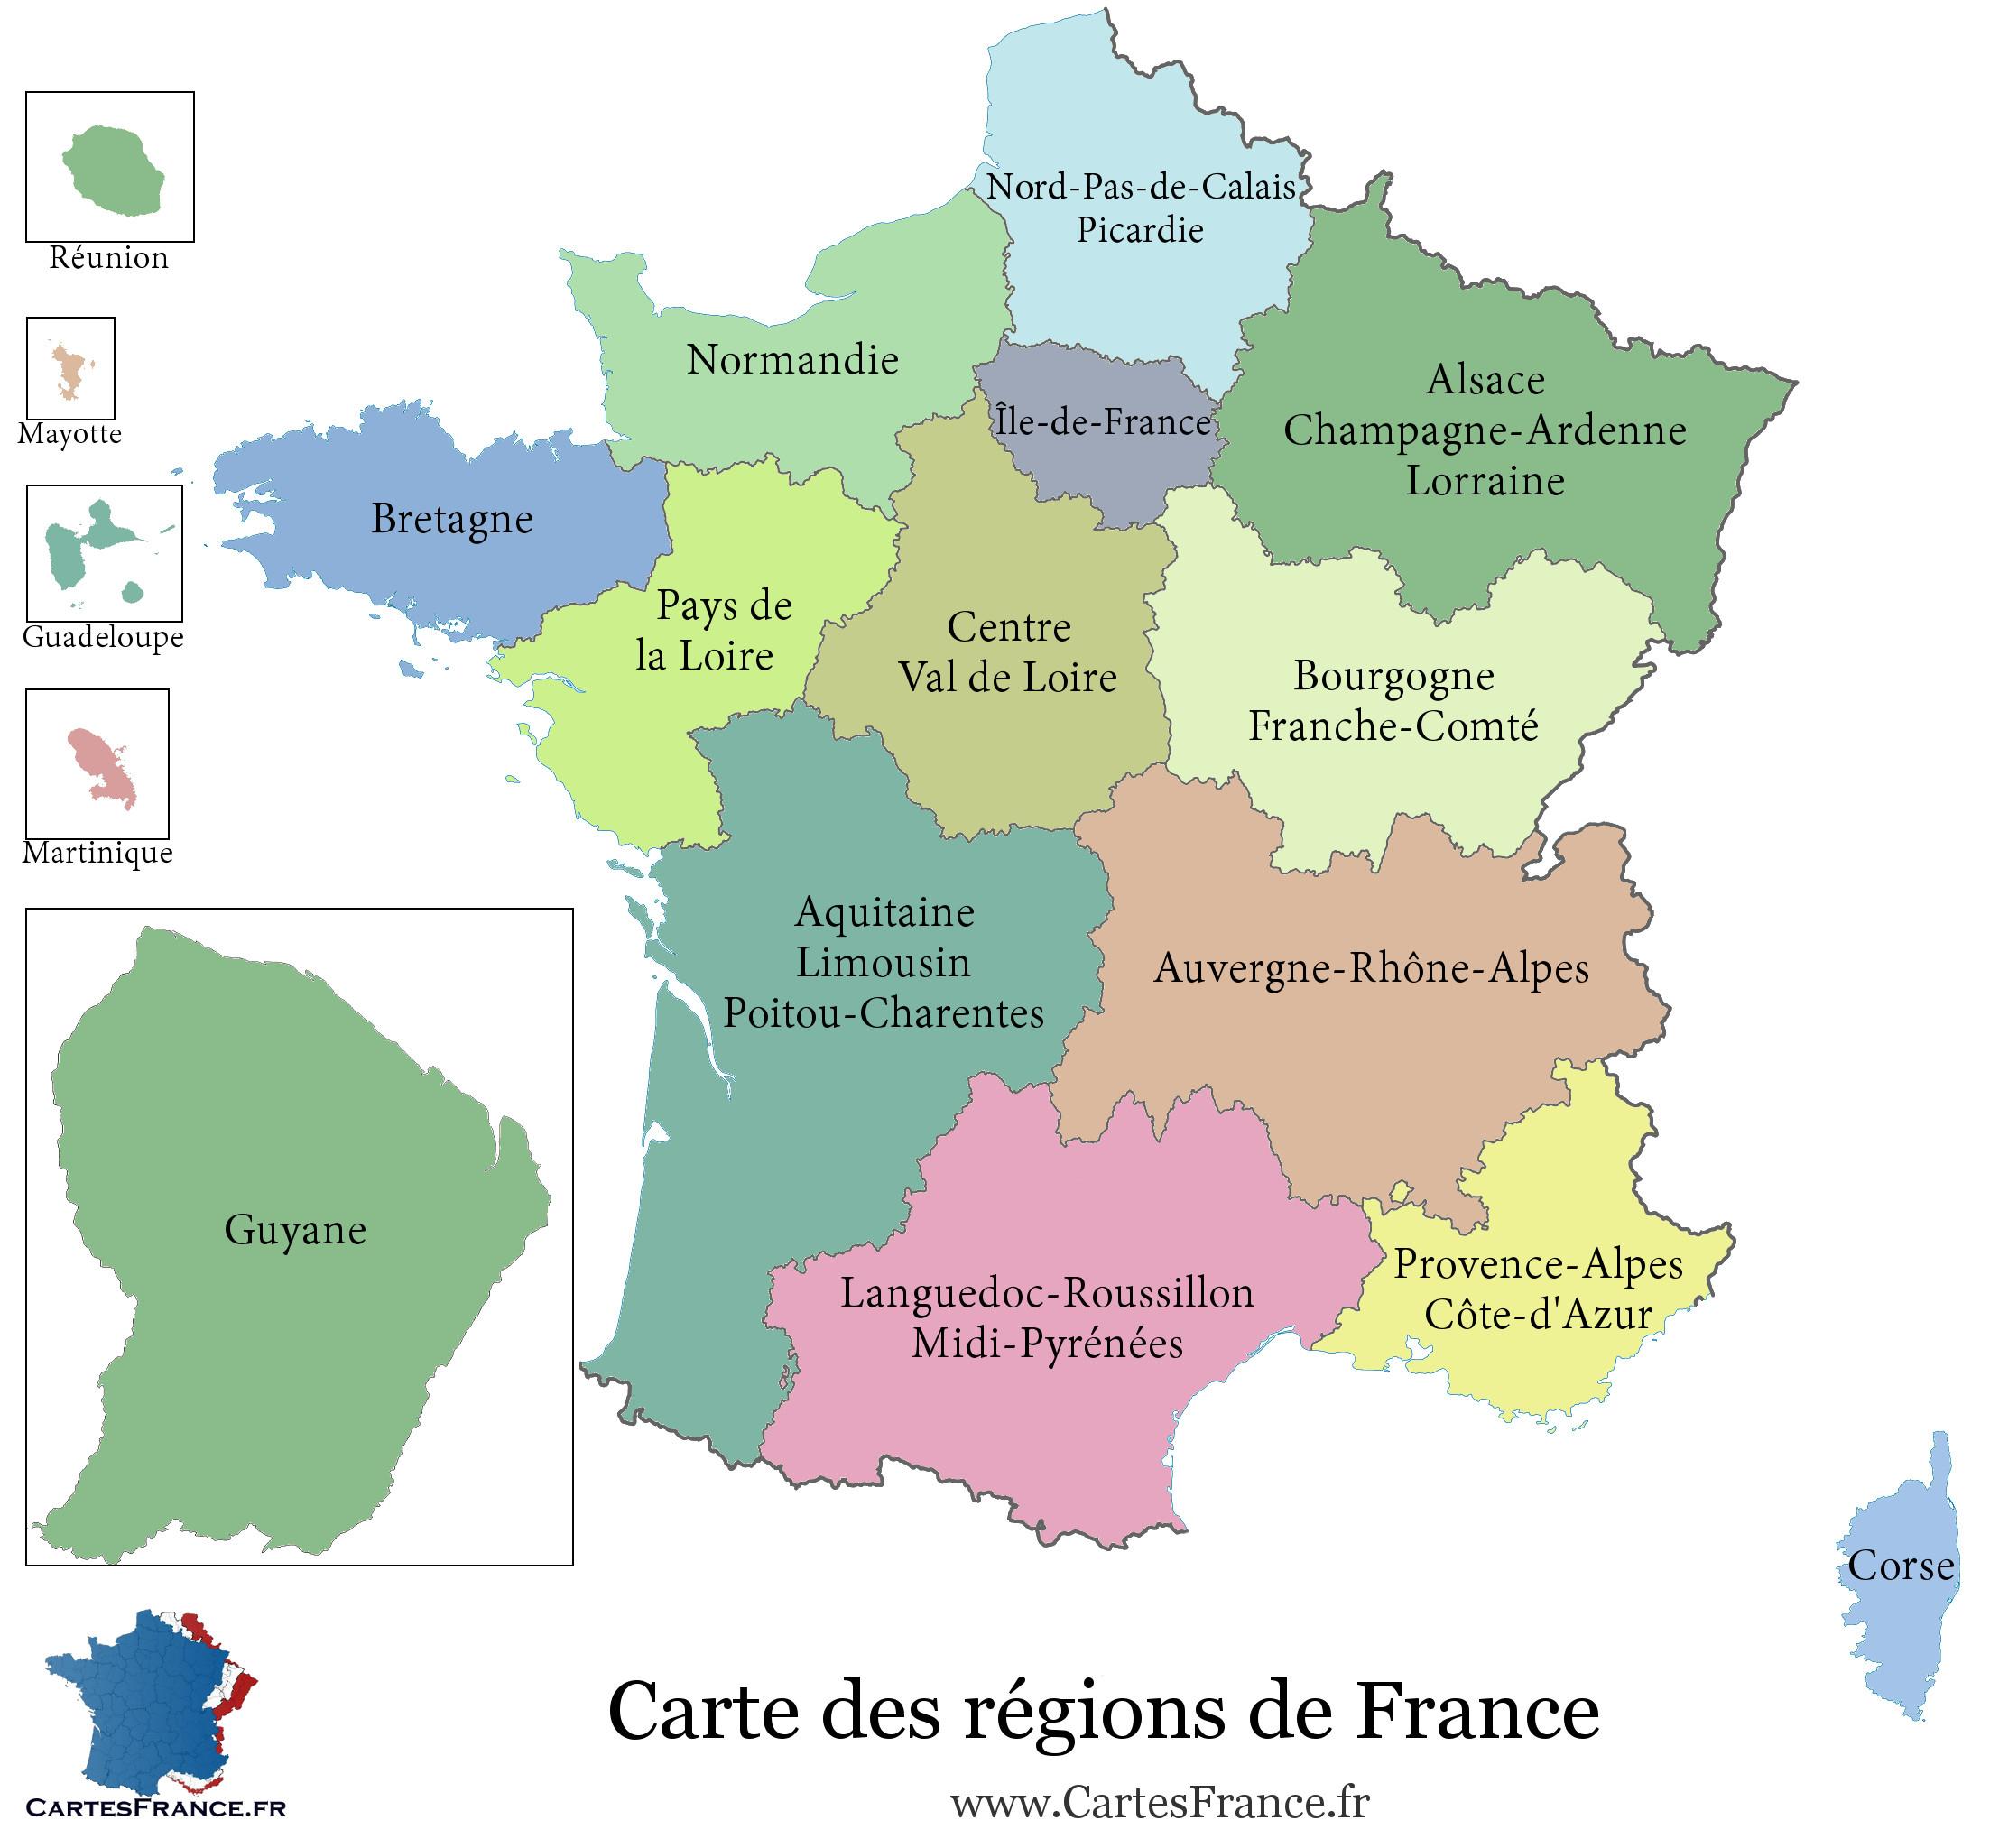 Carte De France Region - Carte Des Régions Françaises dedans Nouvelles Régions De France 2016